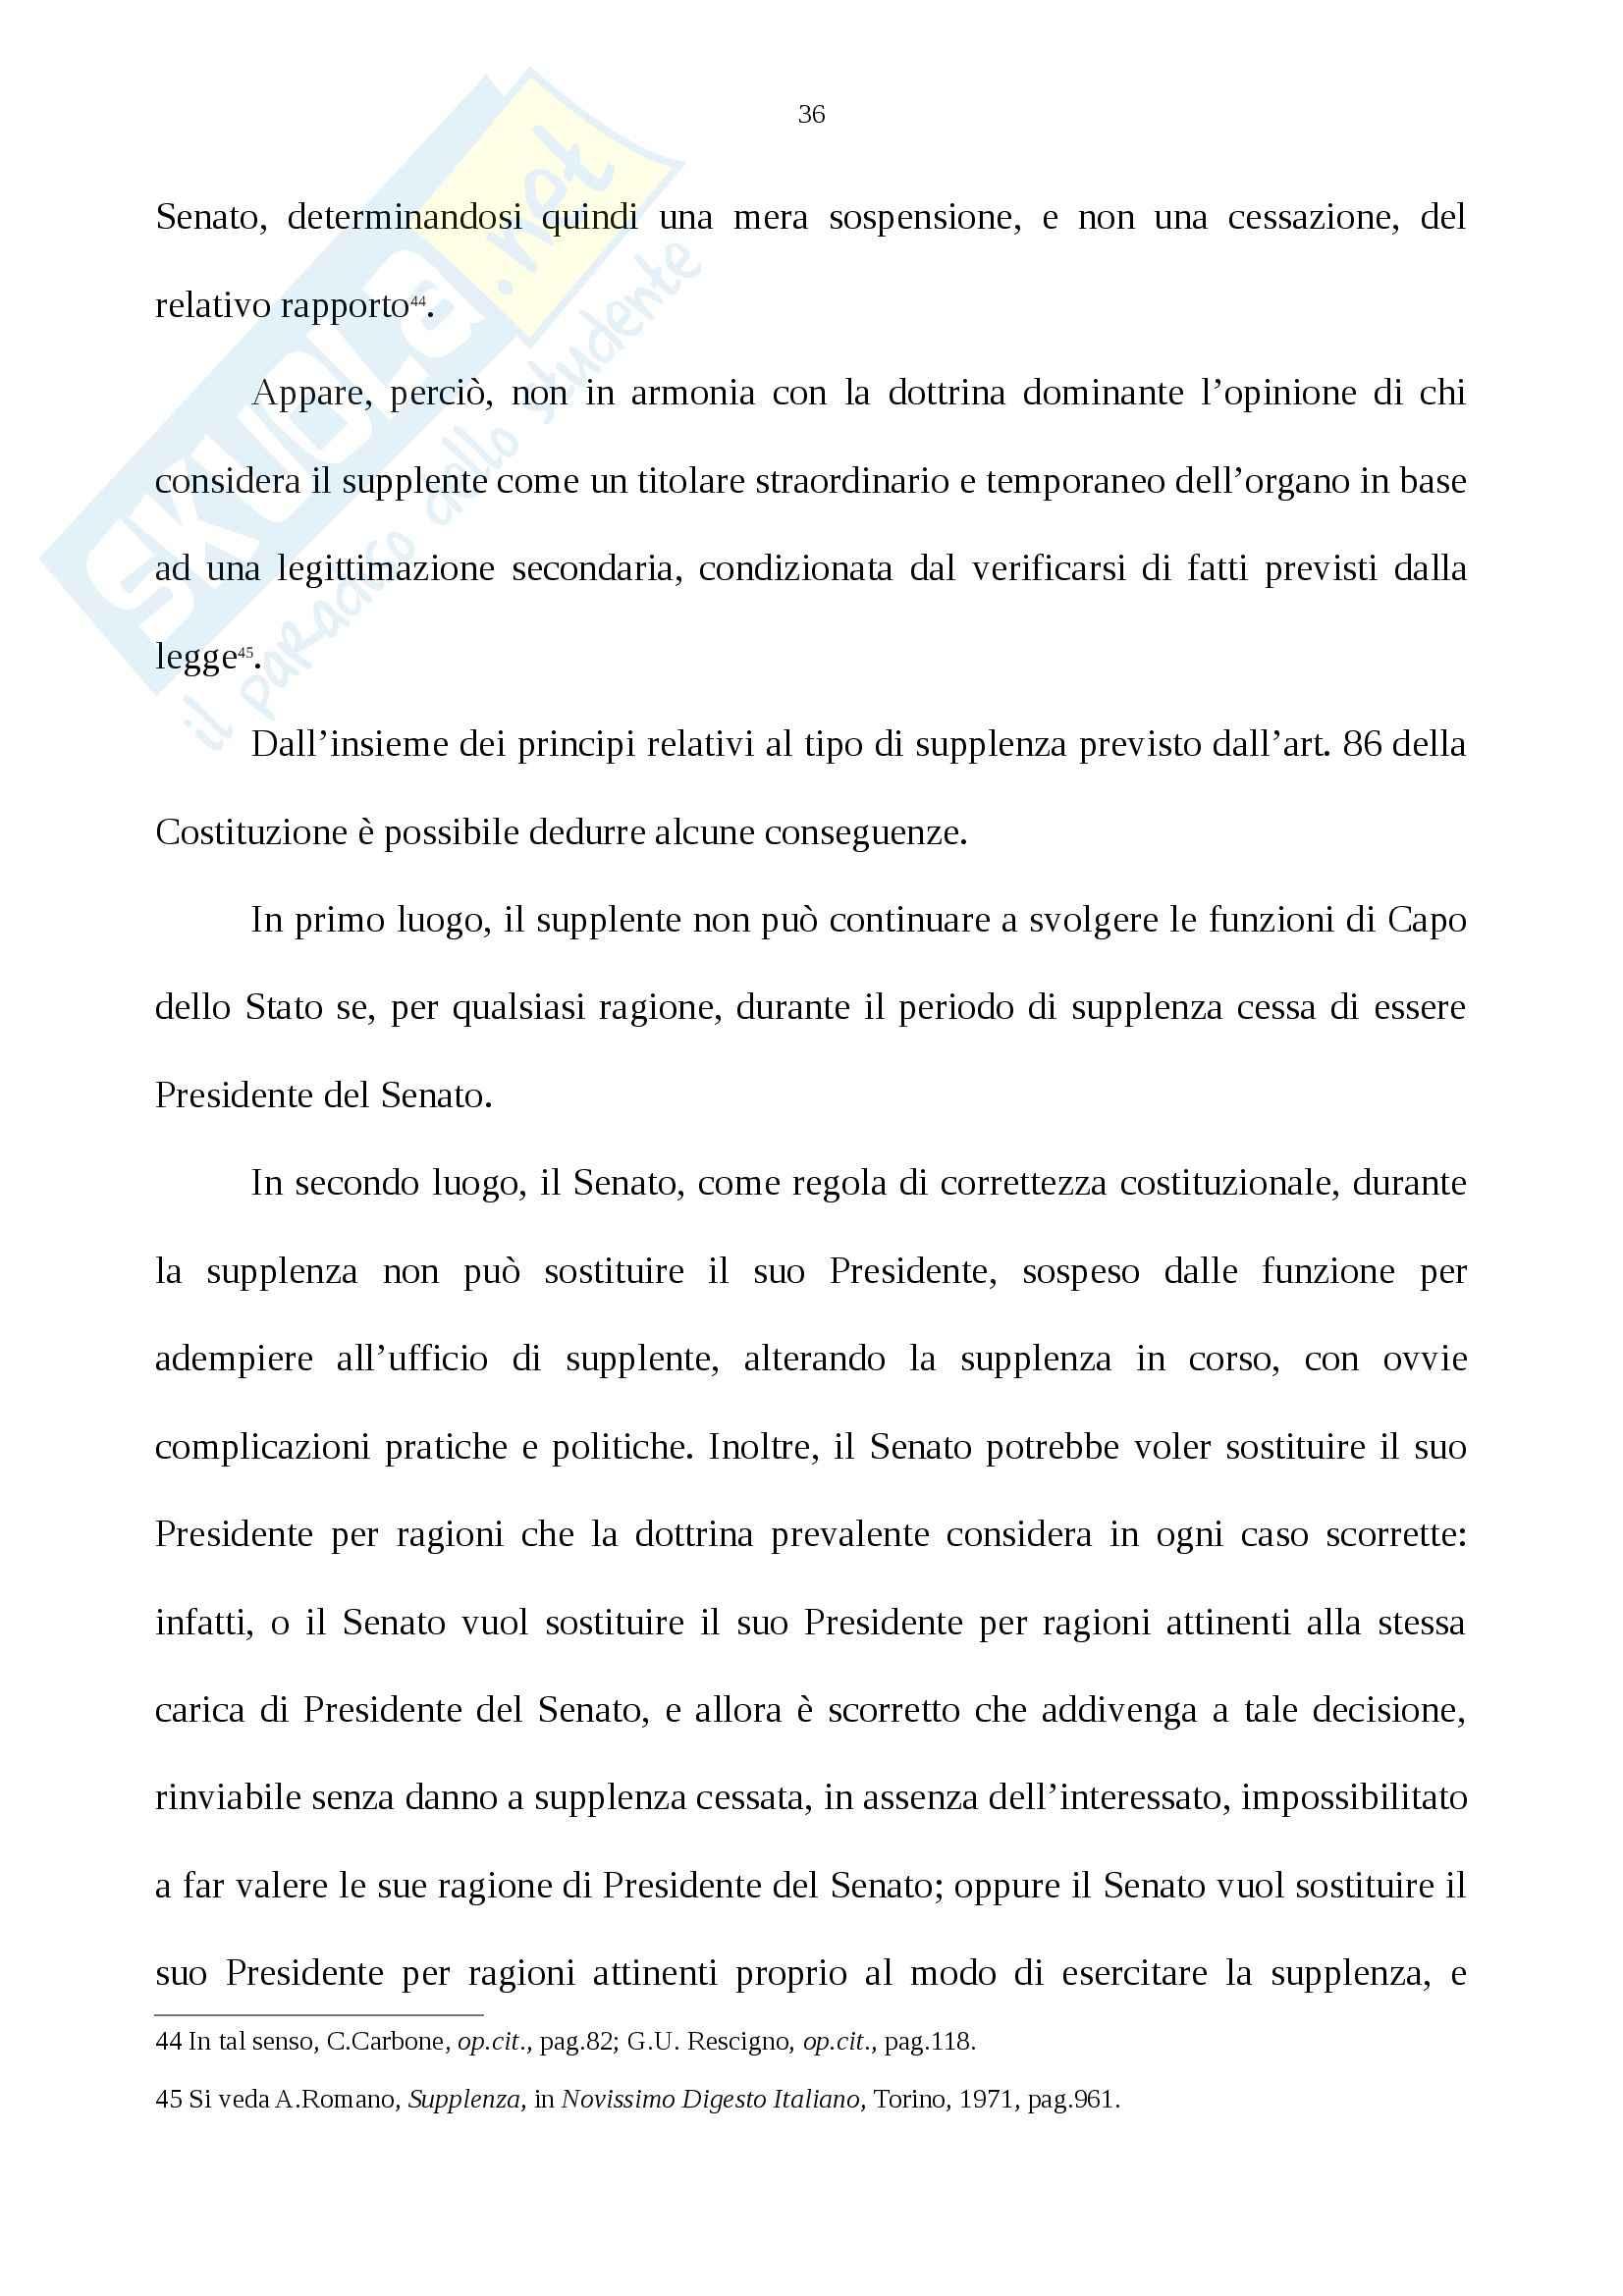 Tesi, La supplenza del Presidente della Repubblica Nell'ordinamento costituzionale italiano Pag. 36